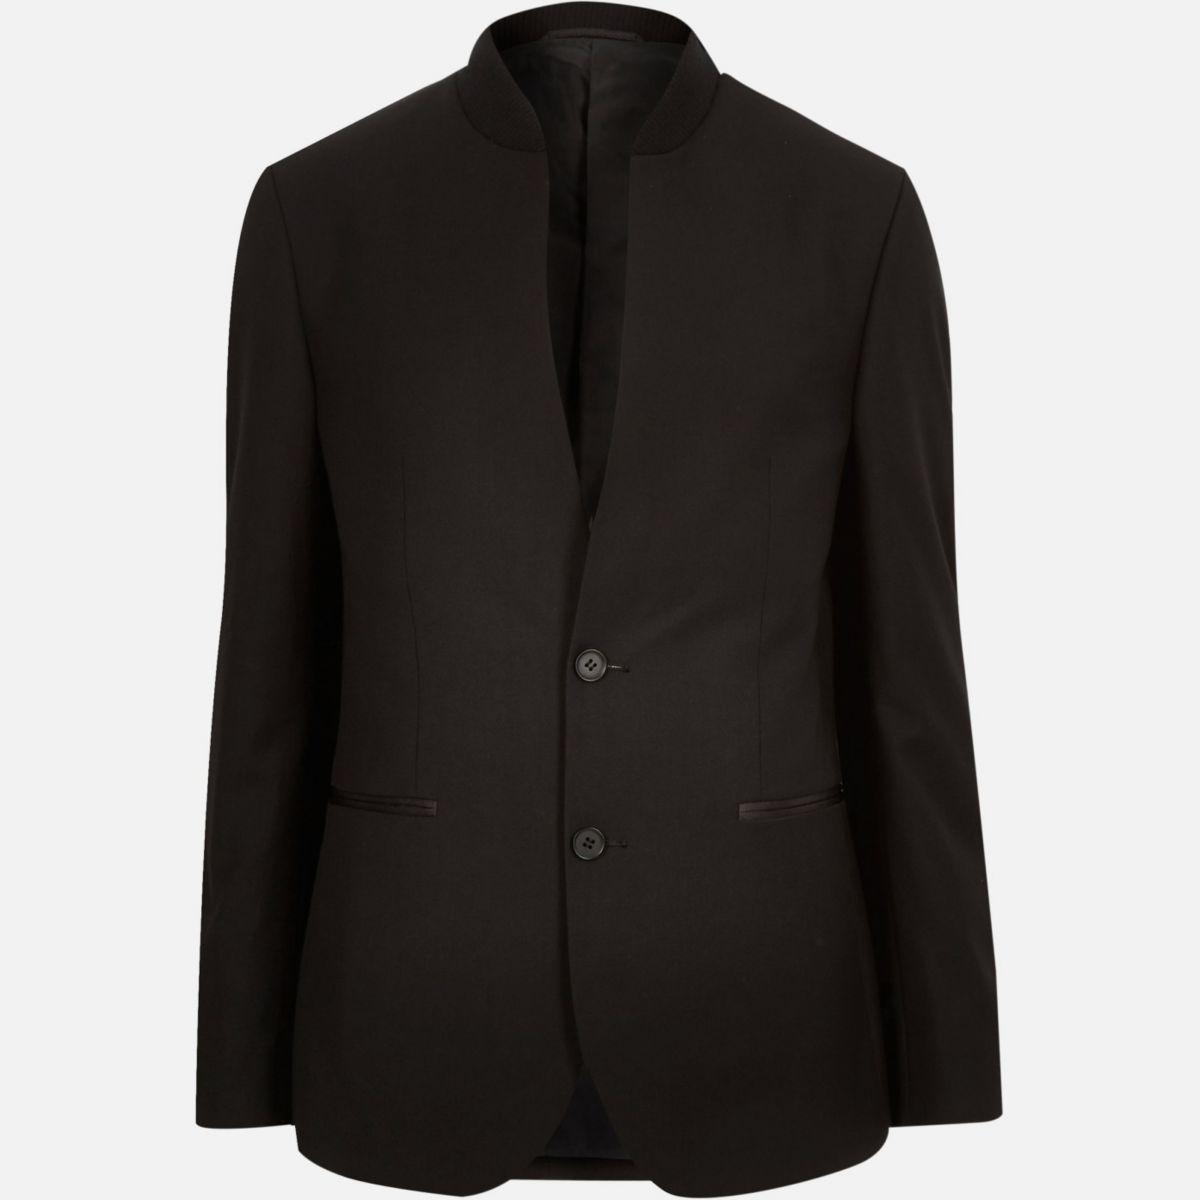 Schwarzer eleganter Blazer mit schmalem Revers